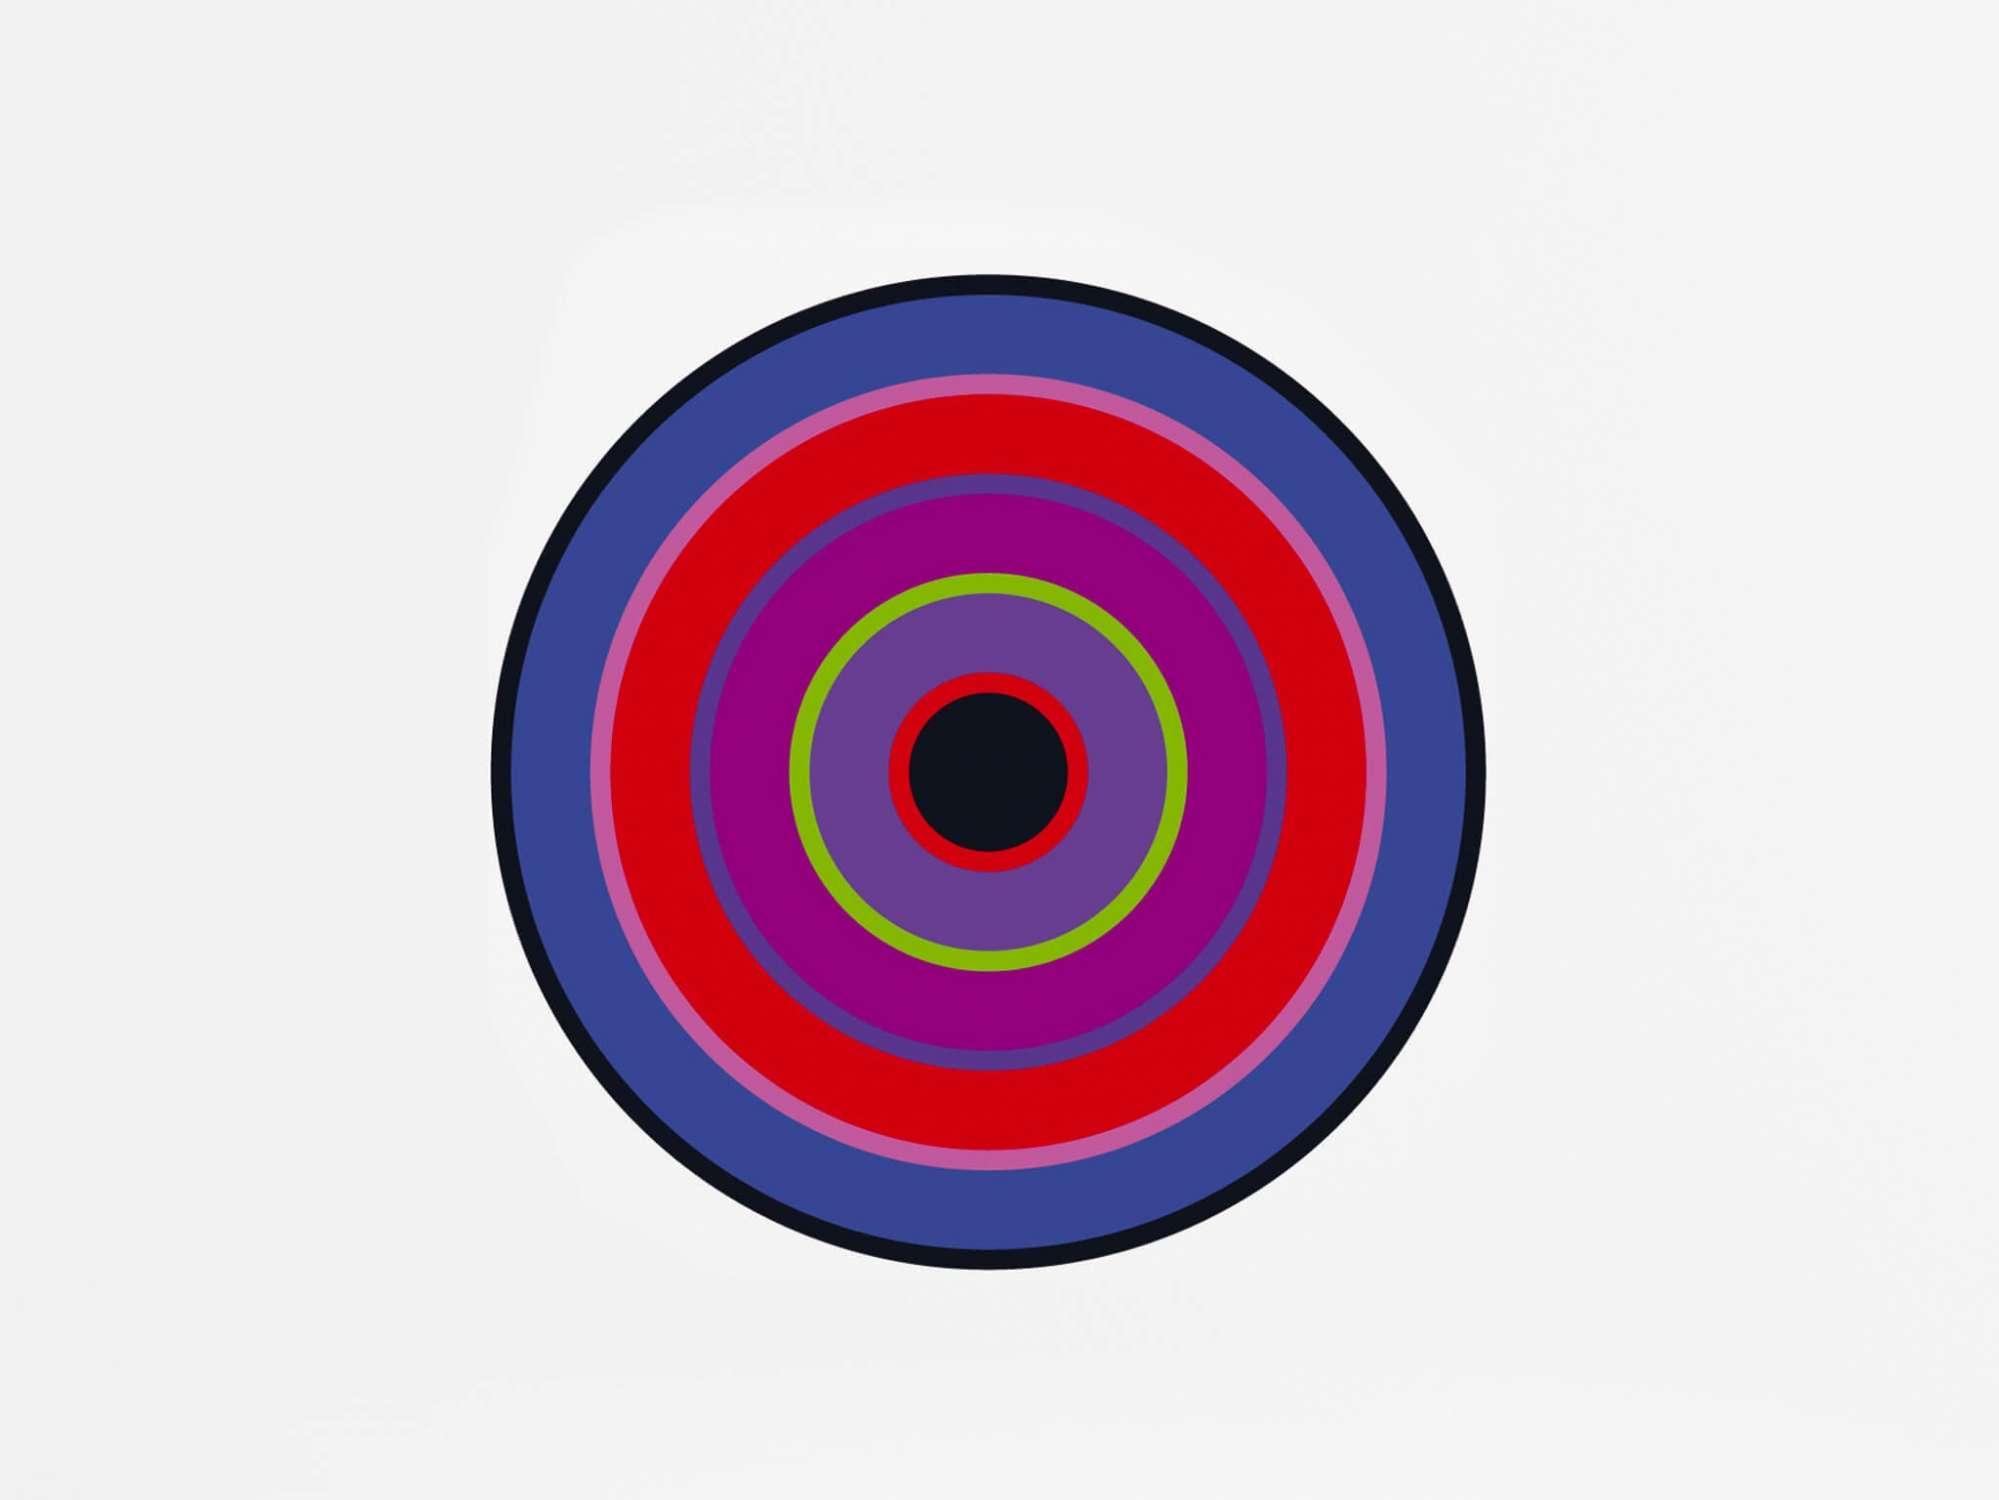 un sticker mural design en forme de cible pour donner une touche de couleur a un intérieur minimaliste.